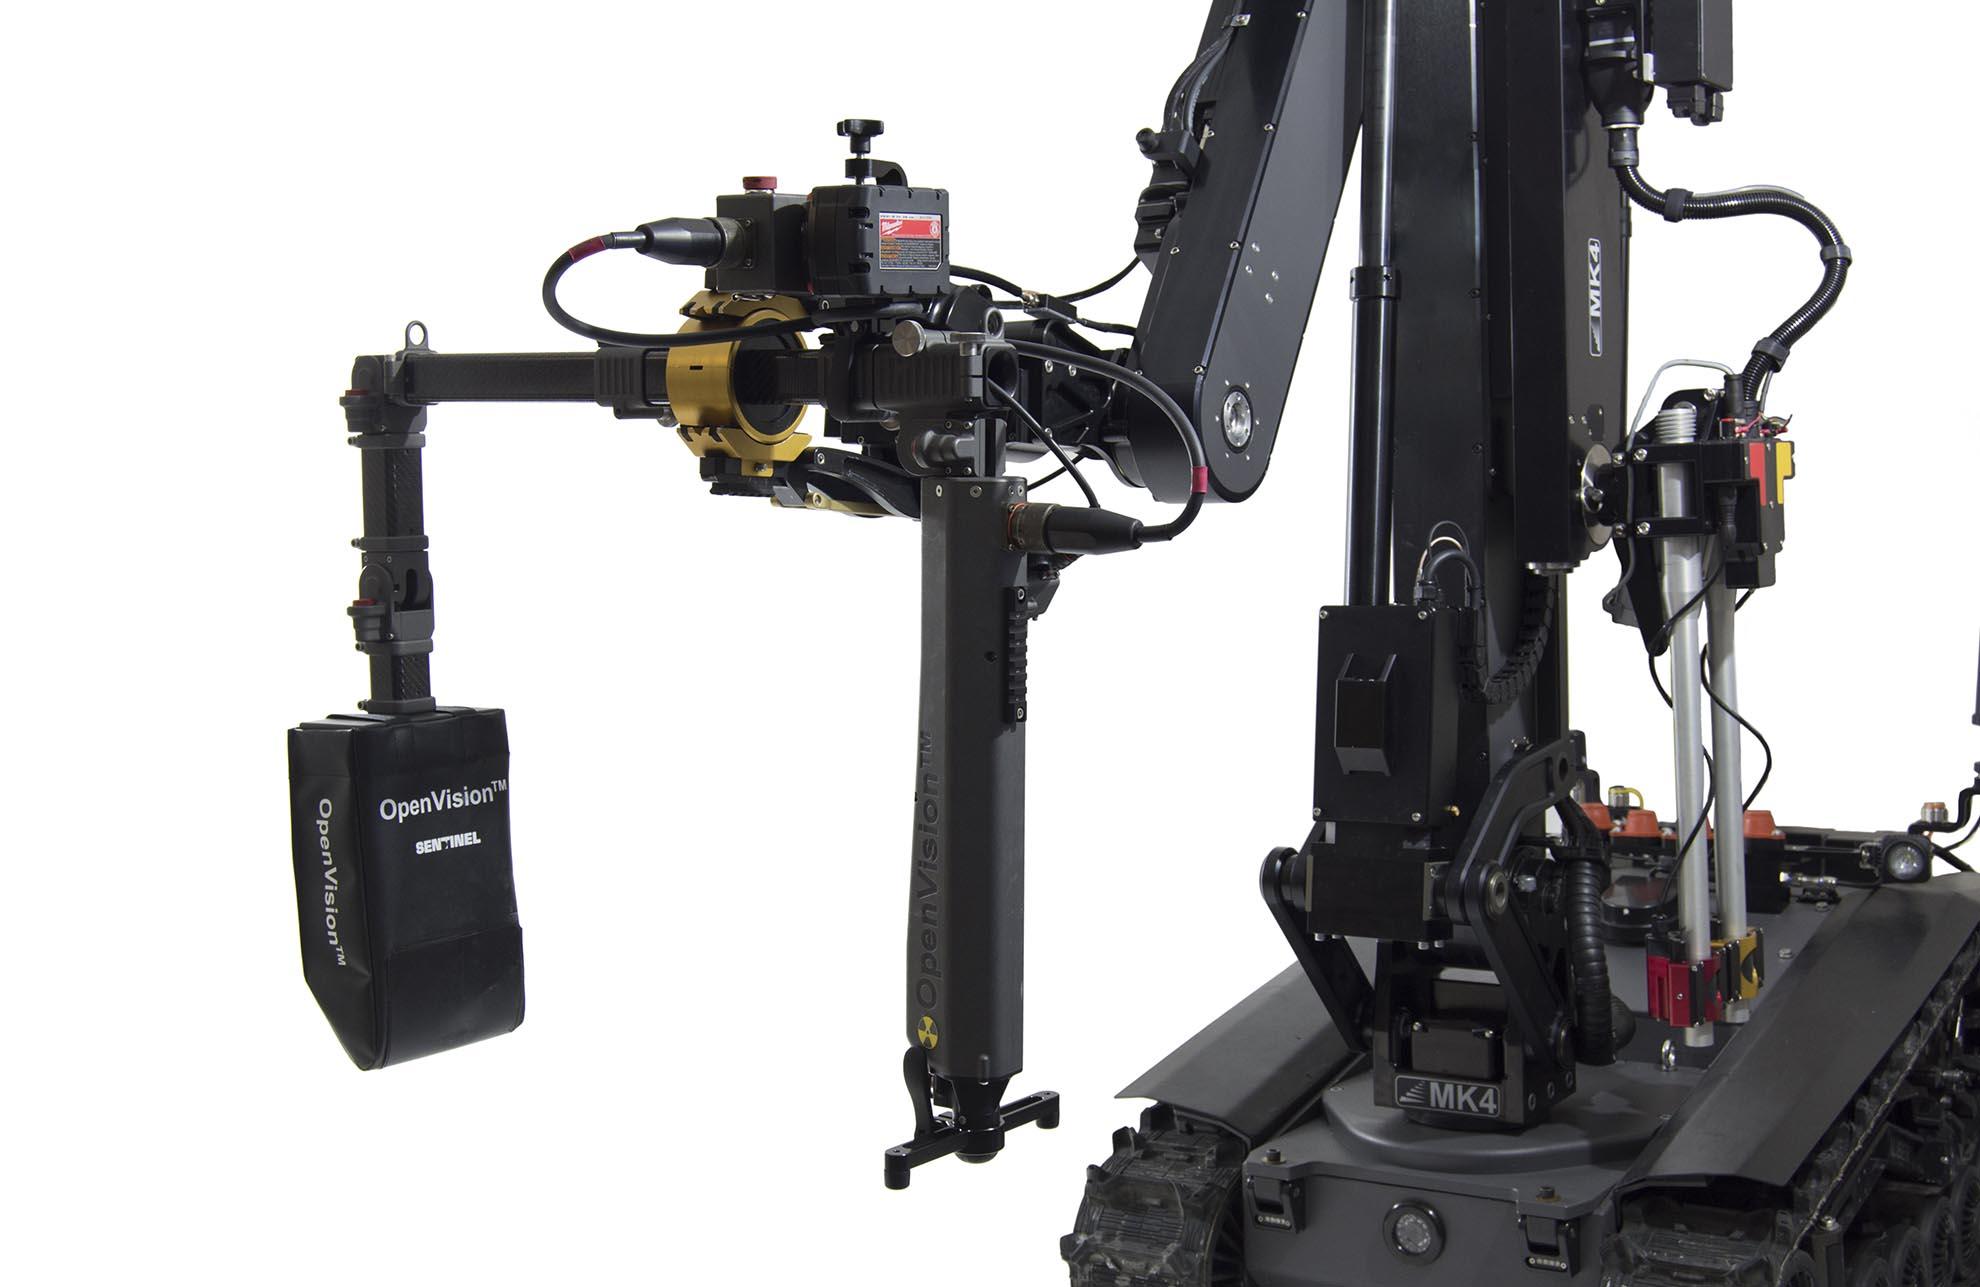 caliber-mk4-lvbied-robot-openvision-integration